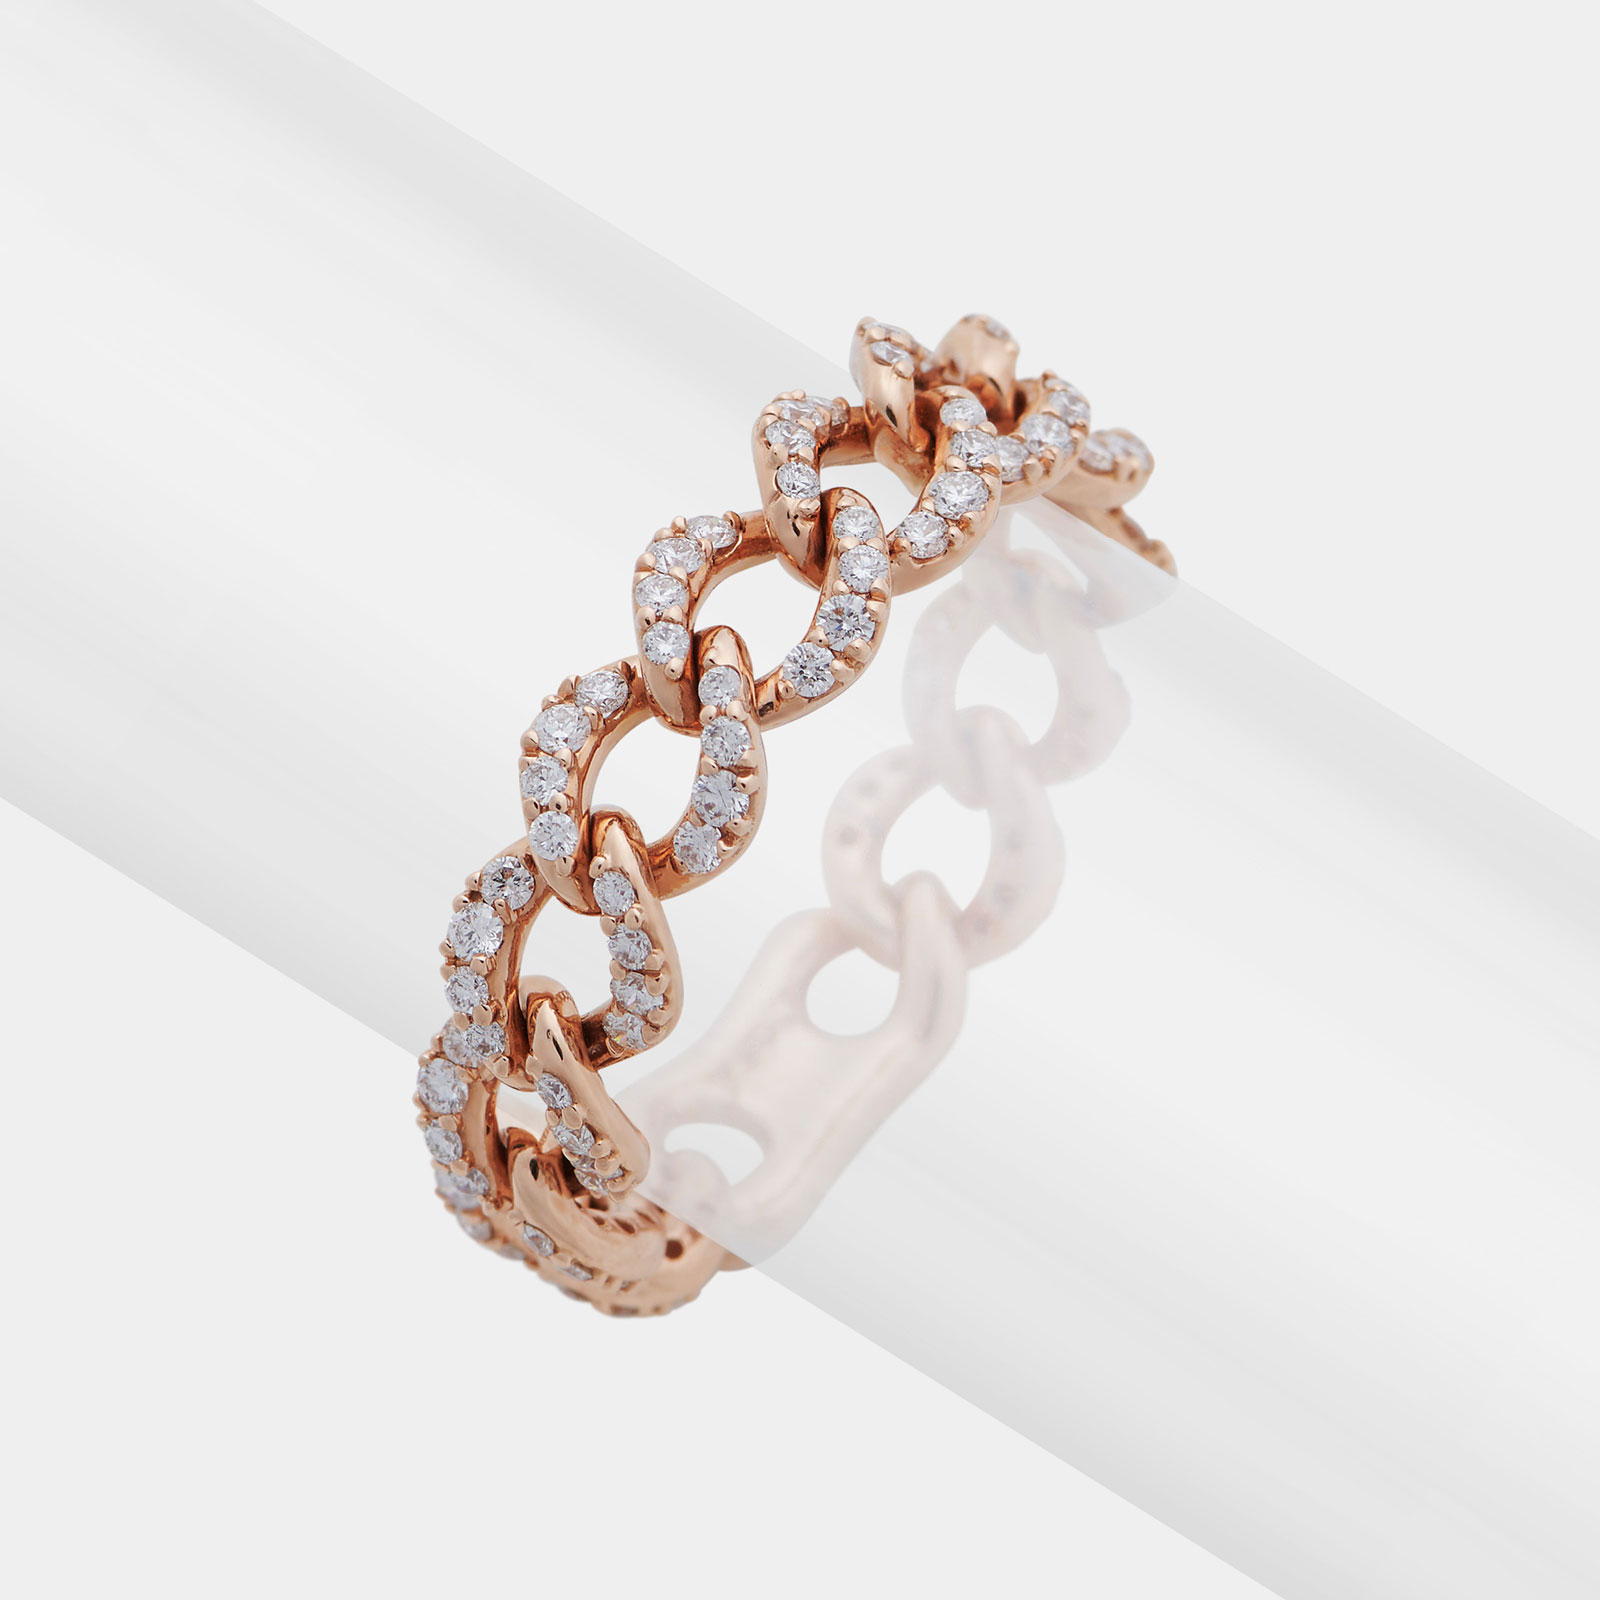 Anello groumette girodito in oro rosa con diamanti - Rosanna Cattolico gioielli